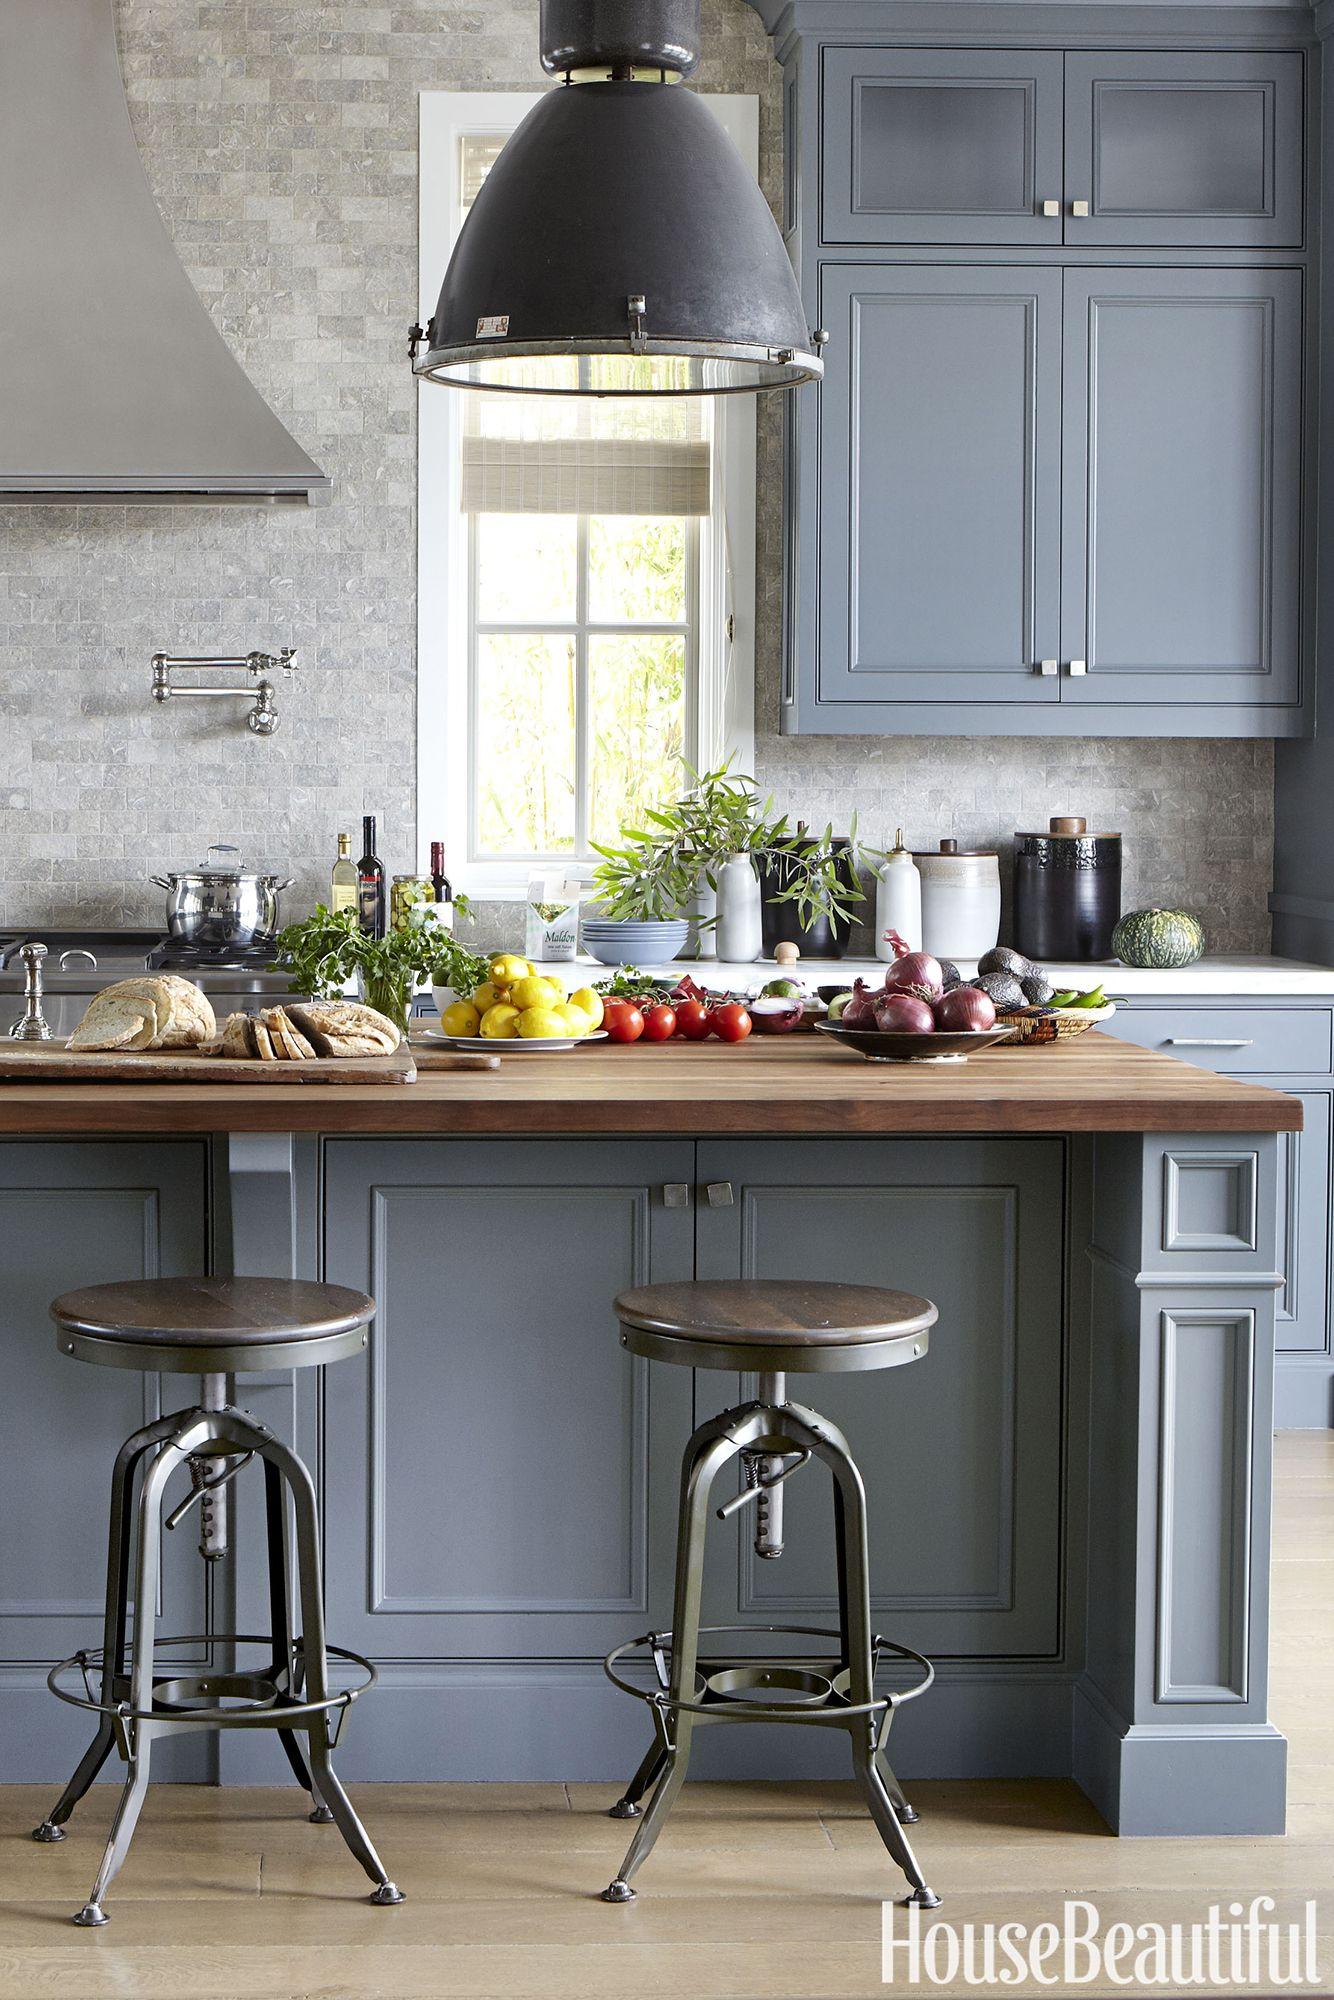 & 14 Best Kitchen Paint Colors - Ideas for Popular Kitchen Colors